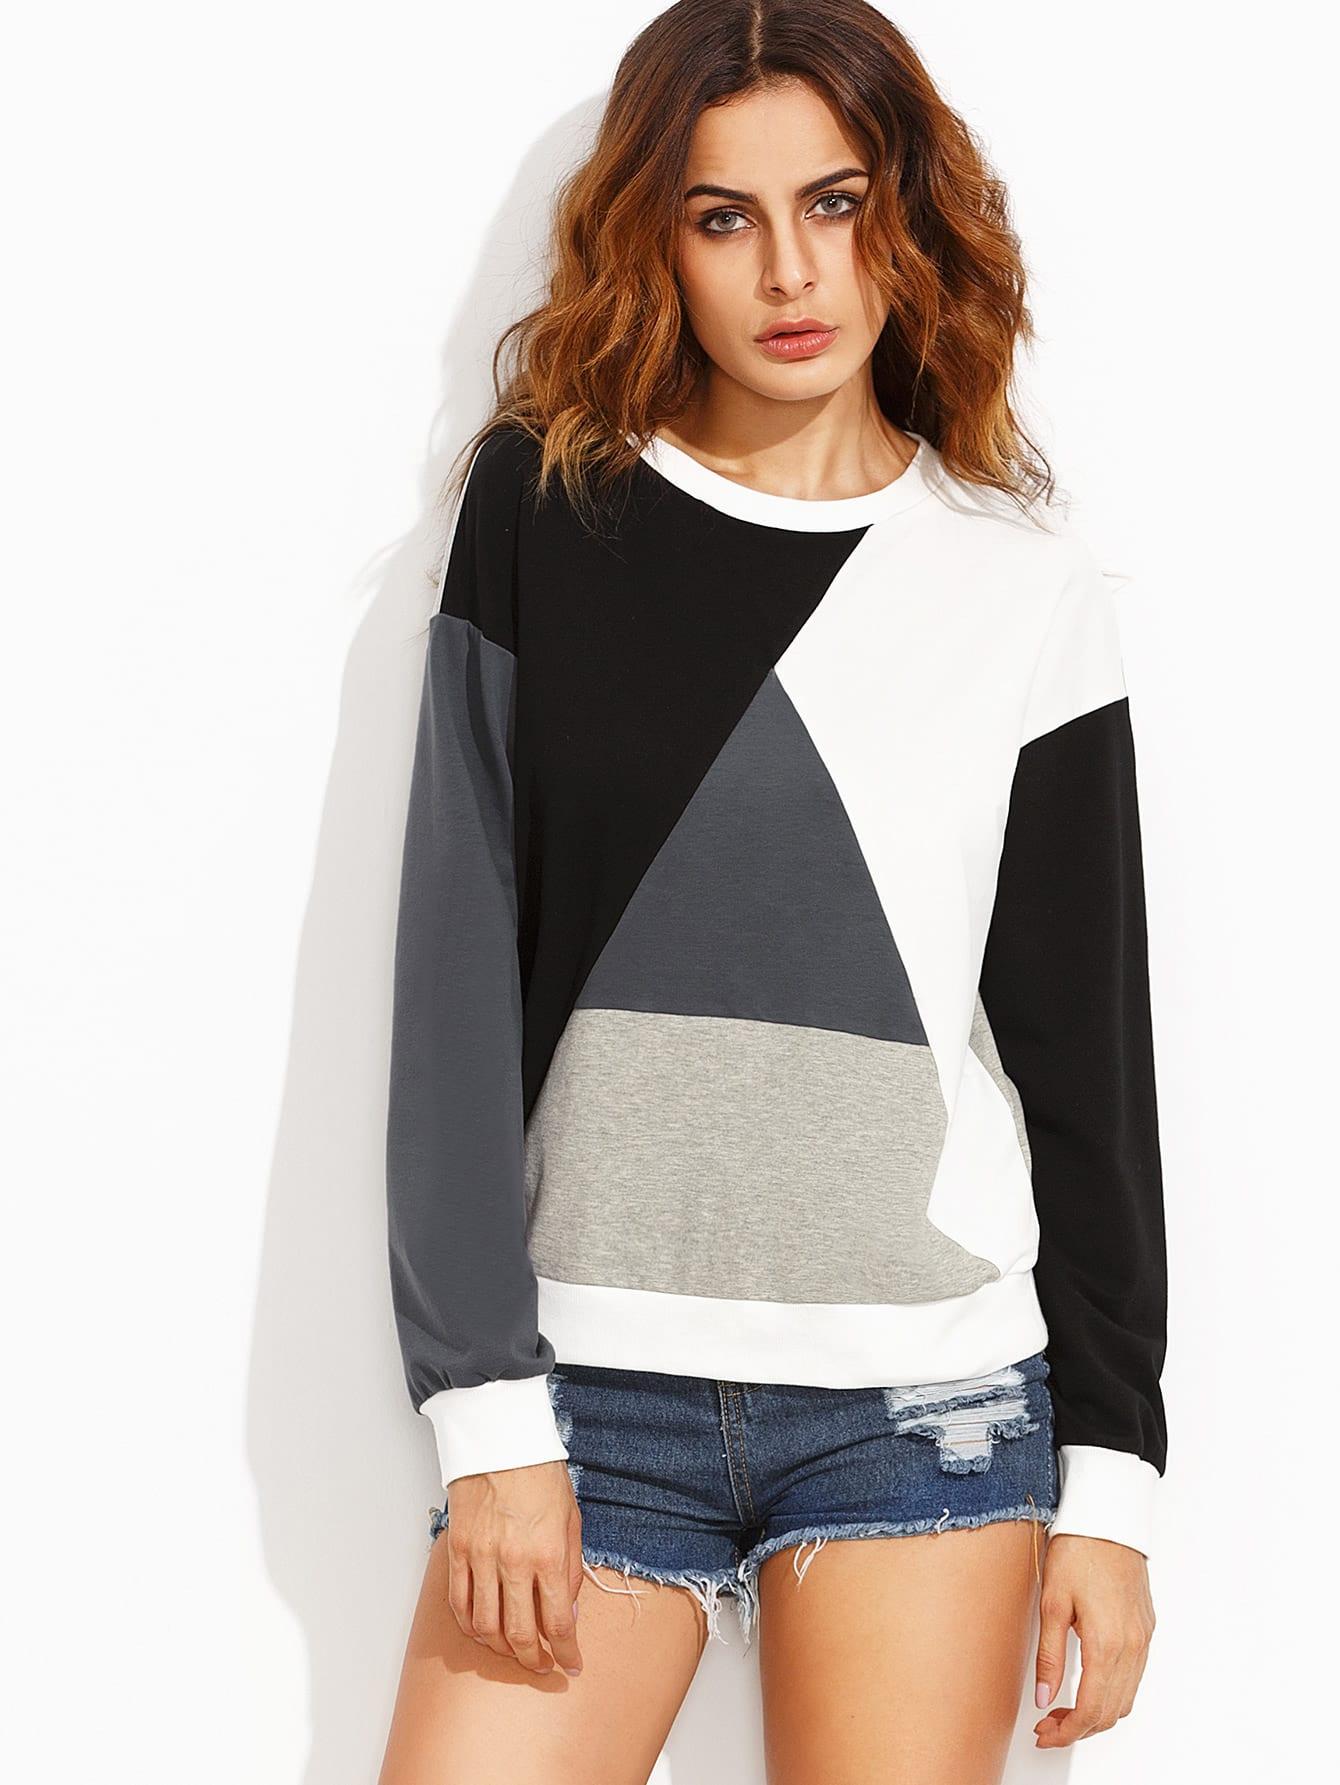 sweatshirt160802706_3